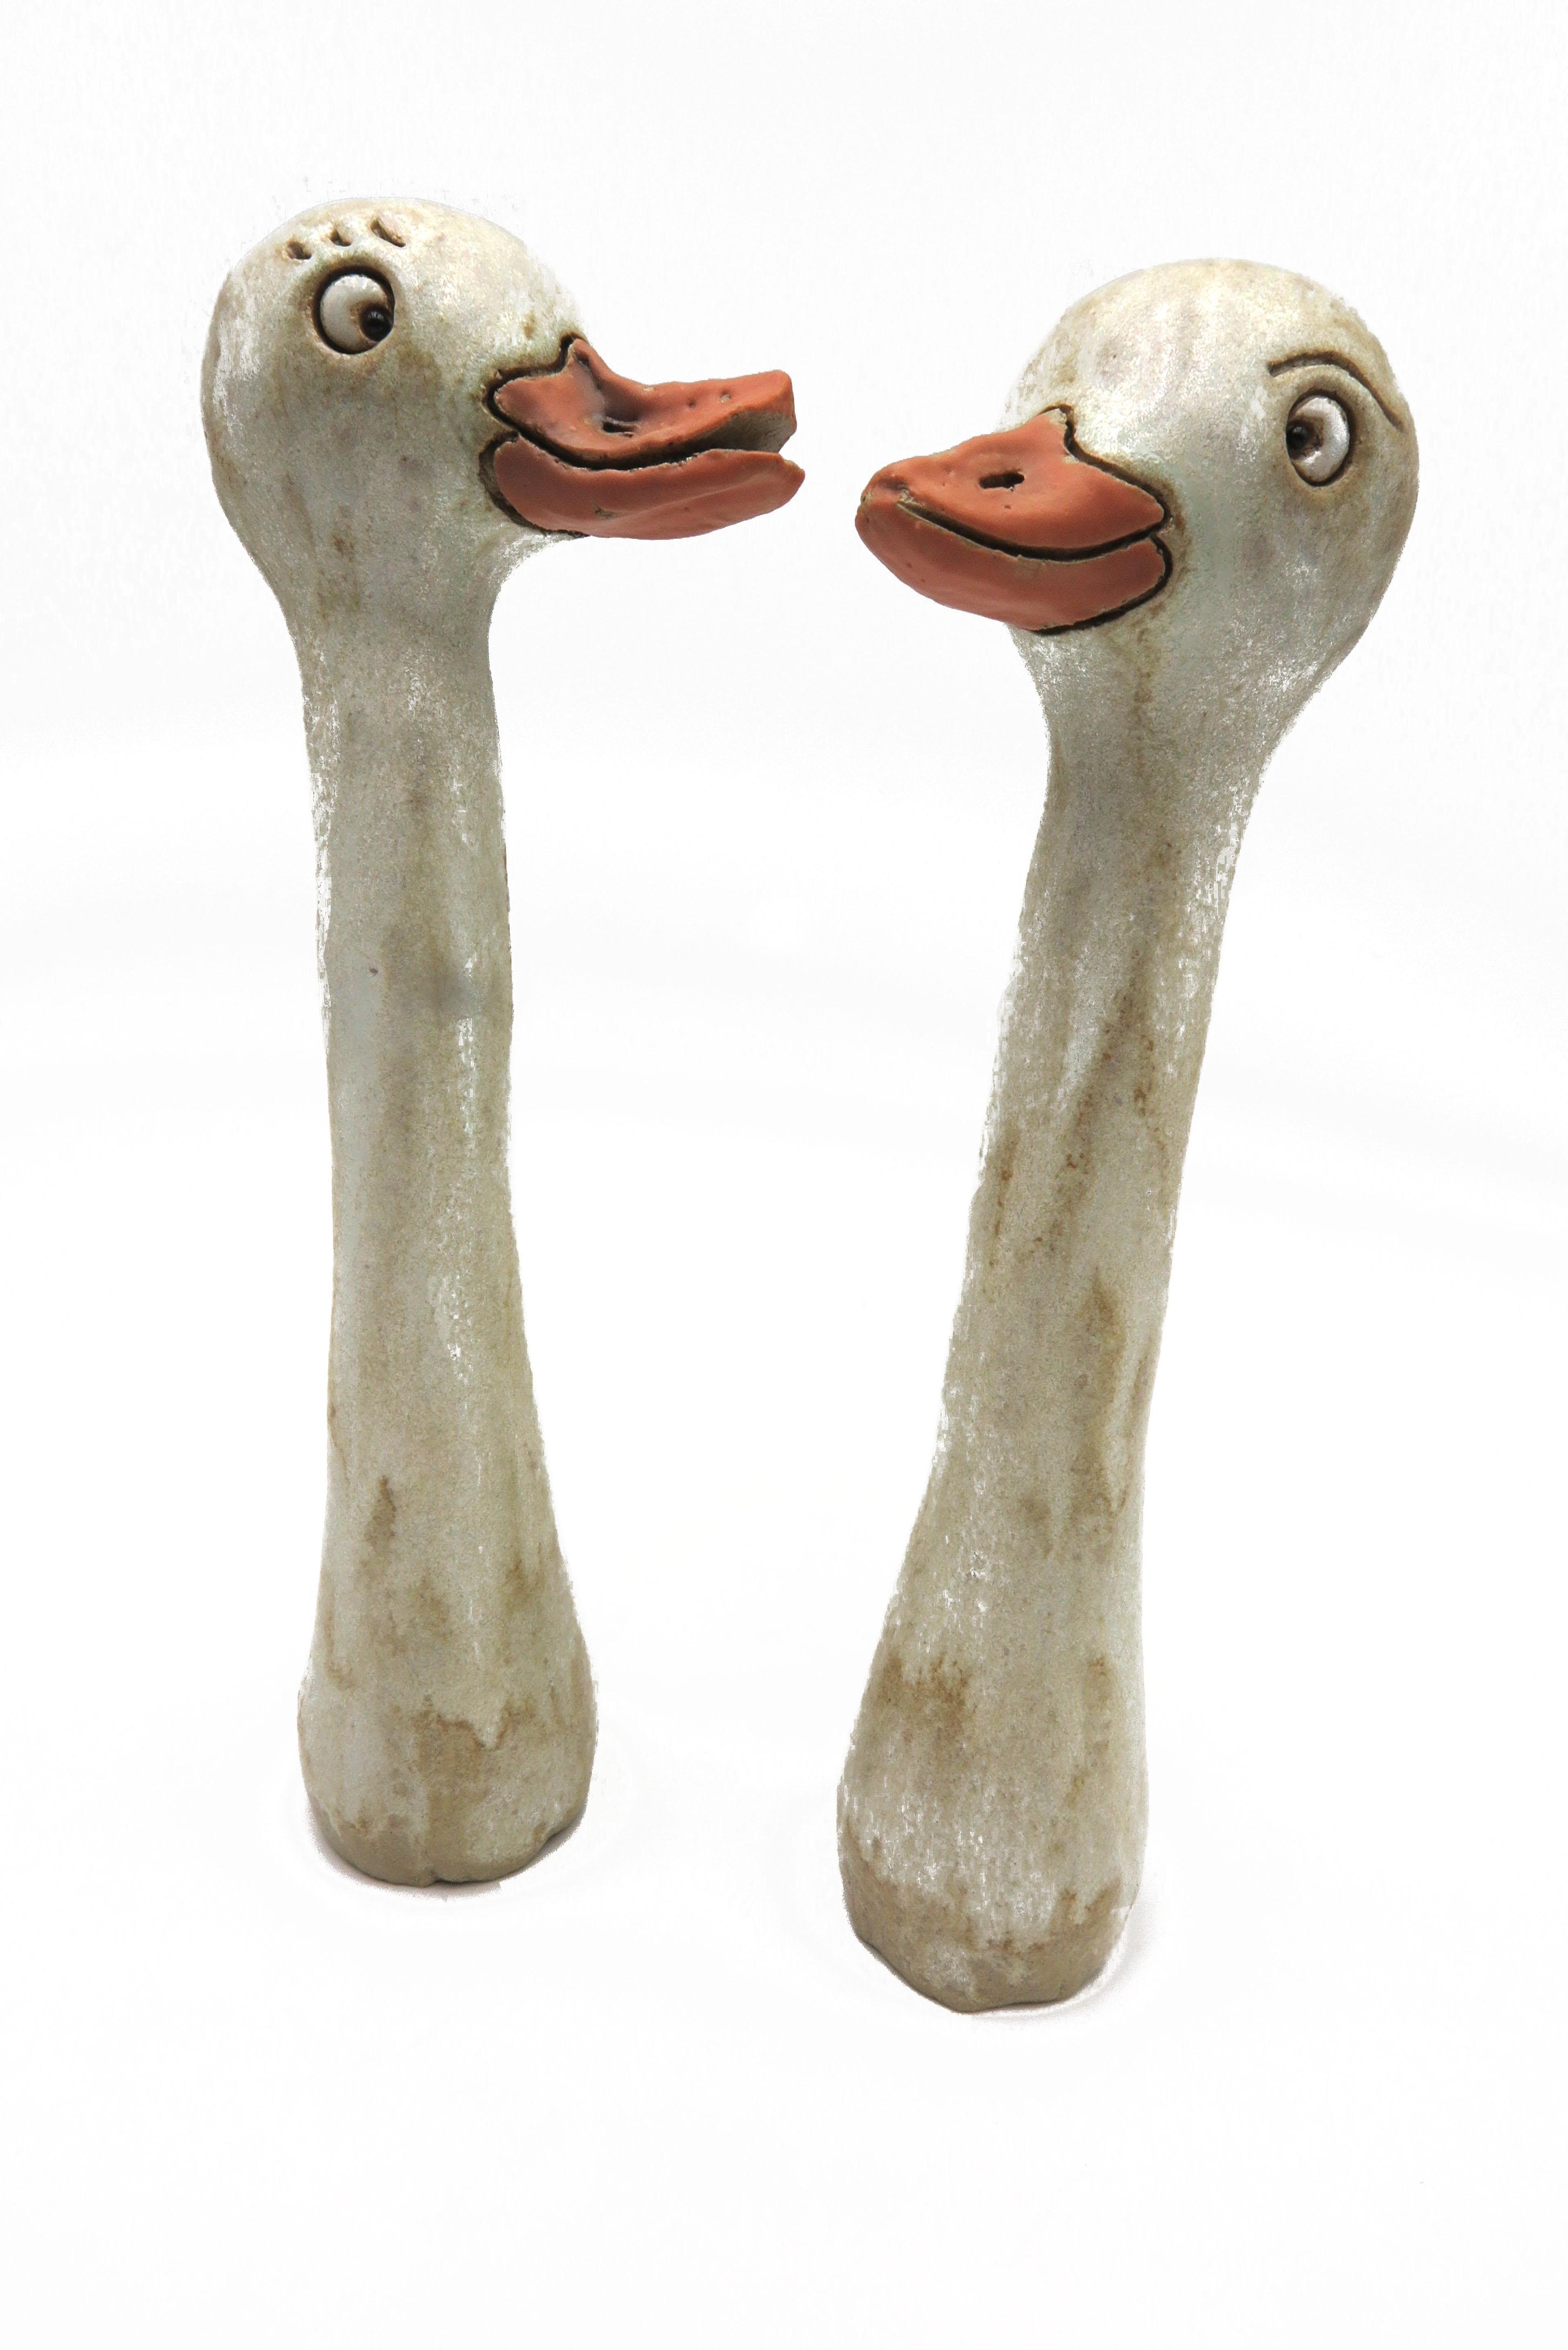 Gänsepärchen Erna und Bert/ M 19cm